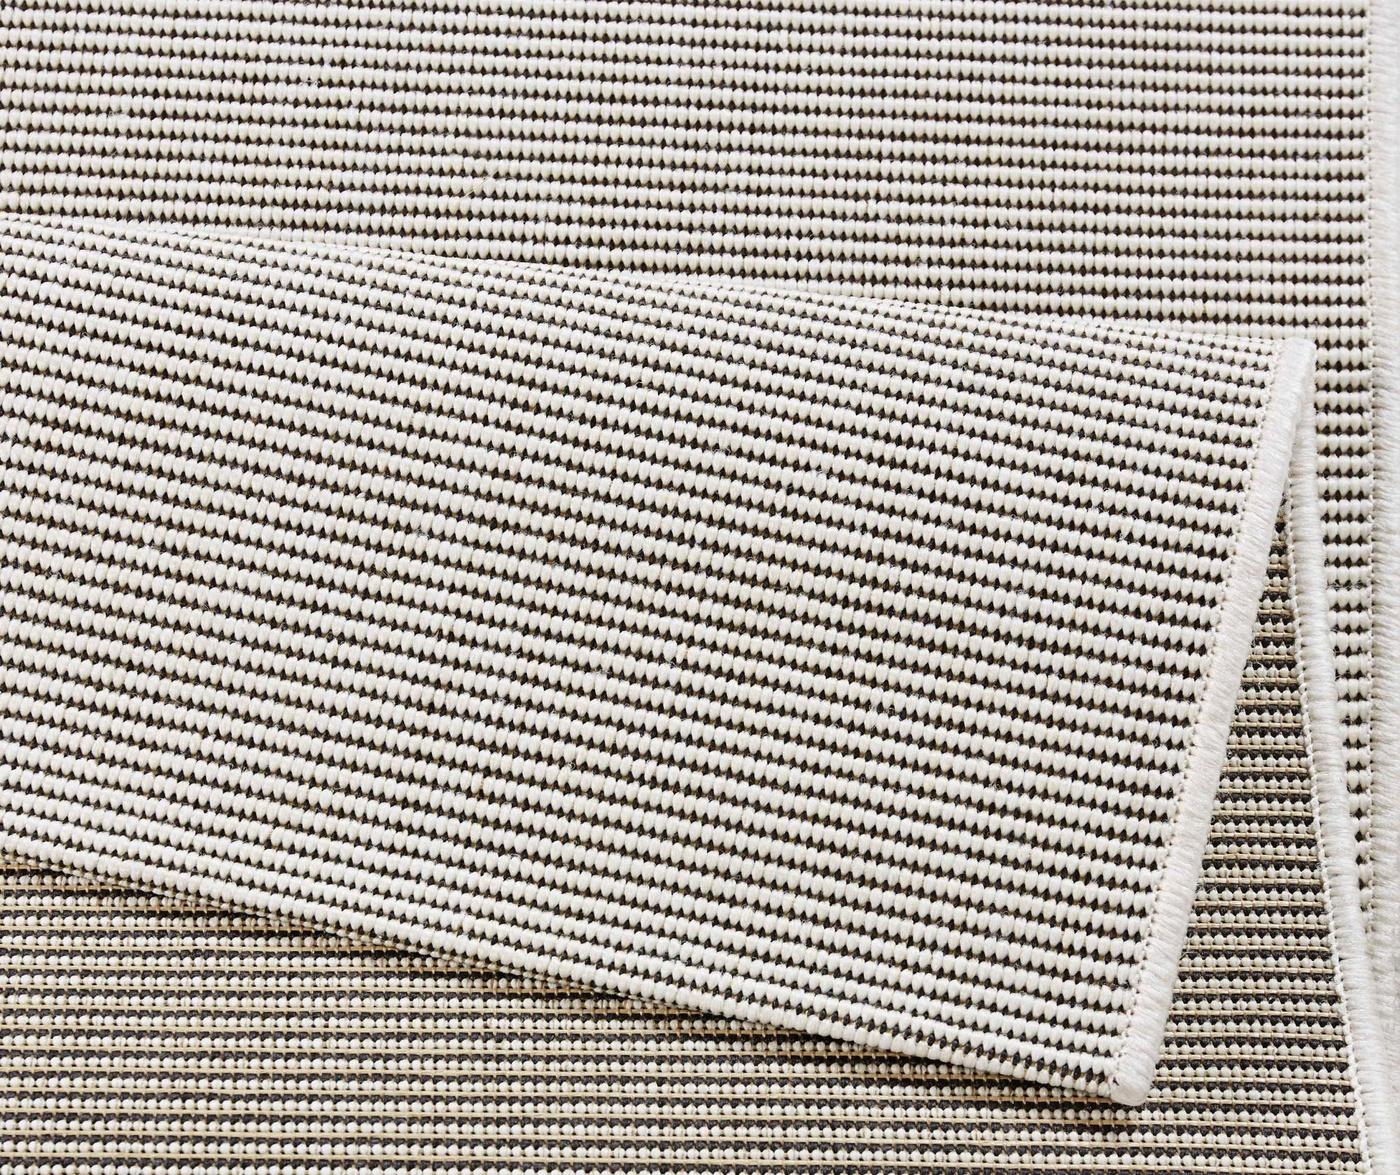 Zunanja preproga Meadow Match Creme 200x290 cm